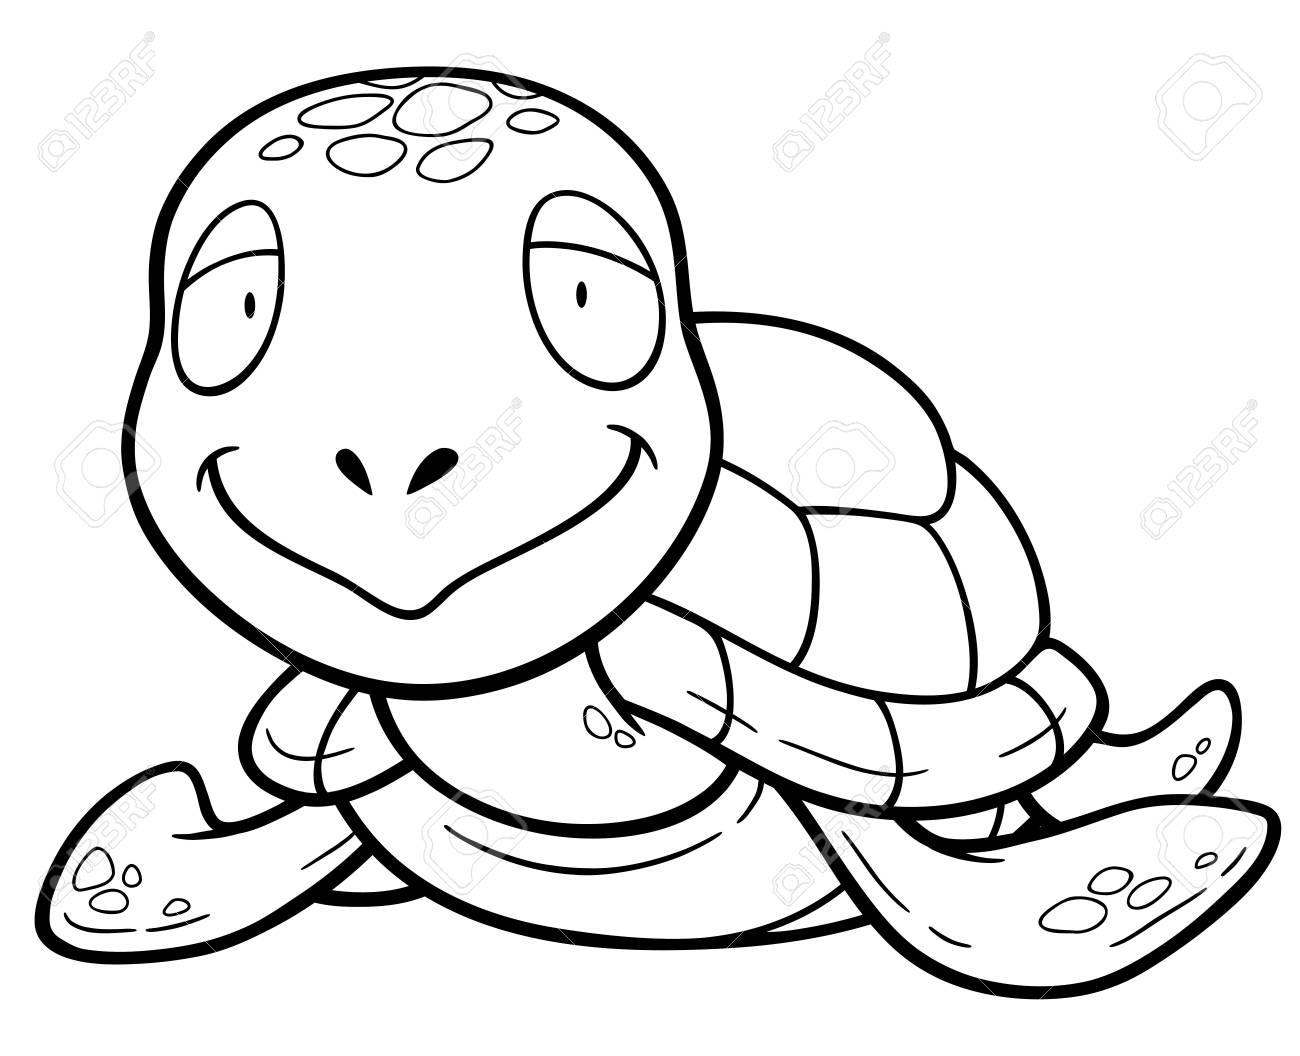 Illustration Der Comic-Schildkröte - Malbuch Lizenzfrei Nutzbare ...